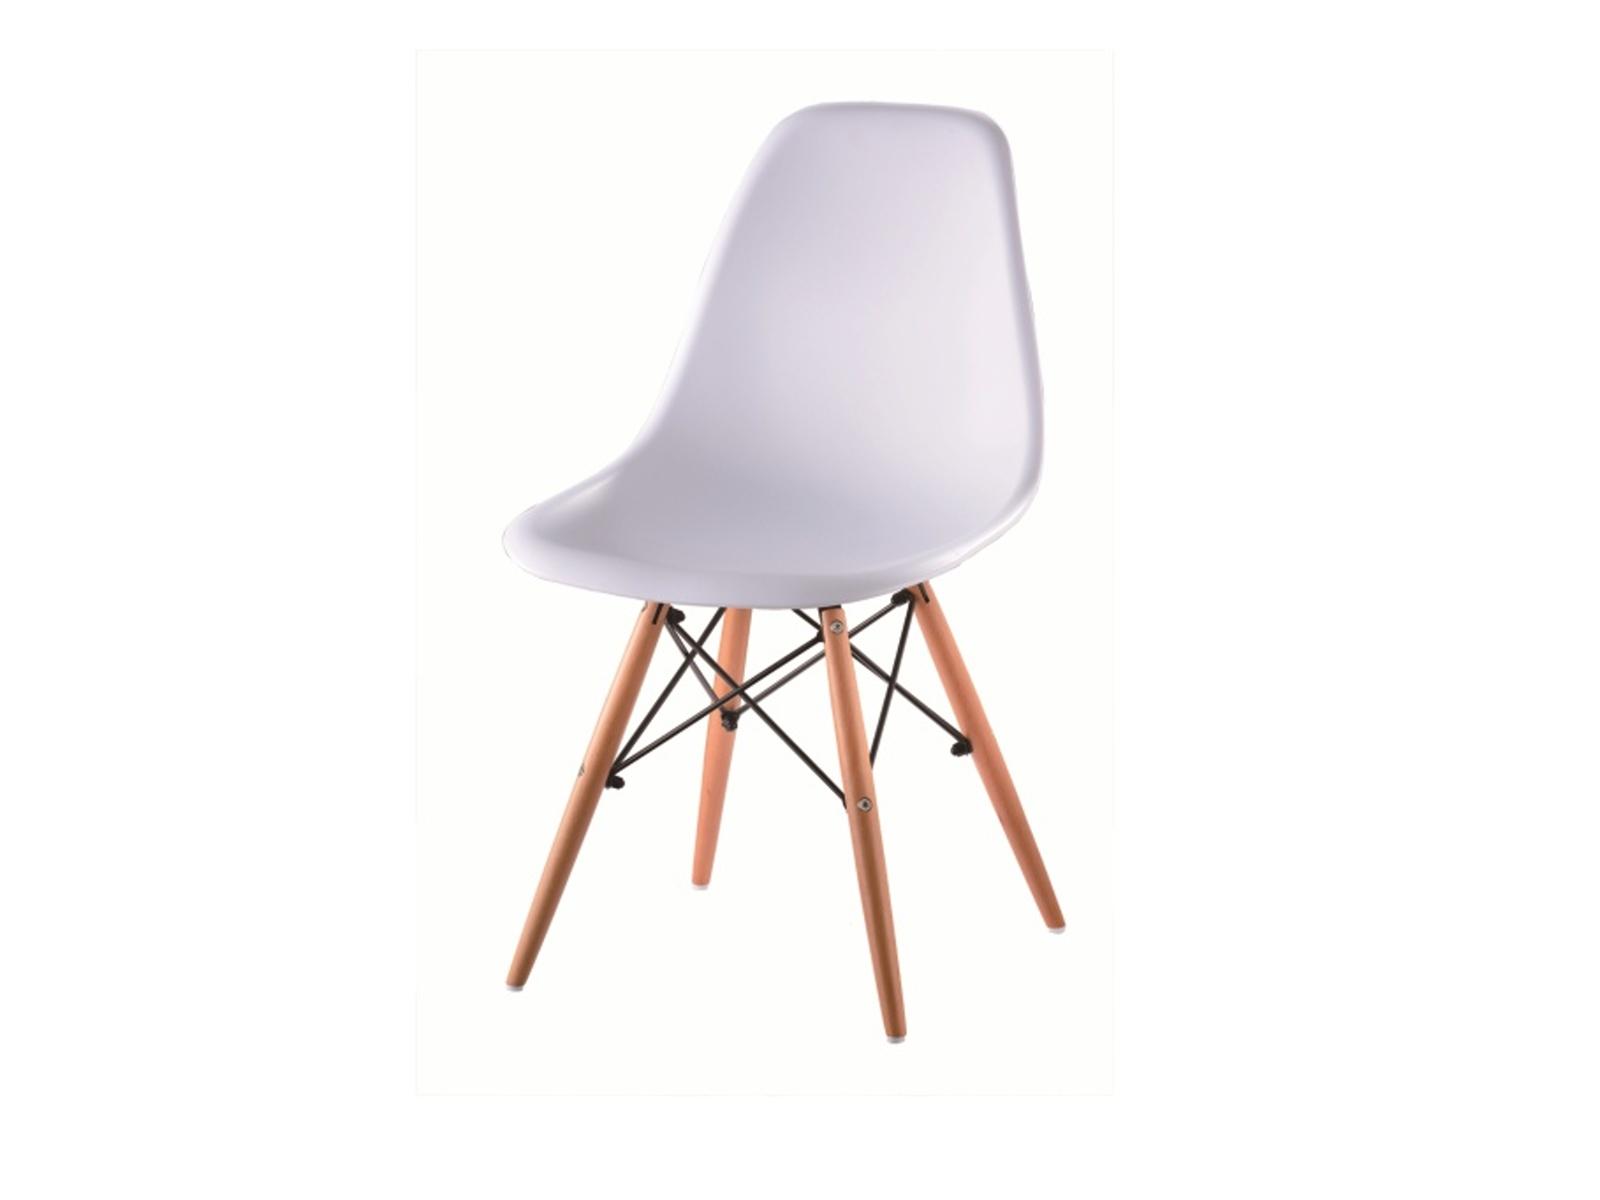 Smartshop Jídelní židle CINKLA NEW, bílá/buk